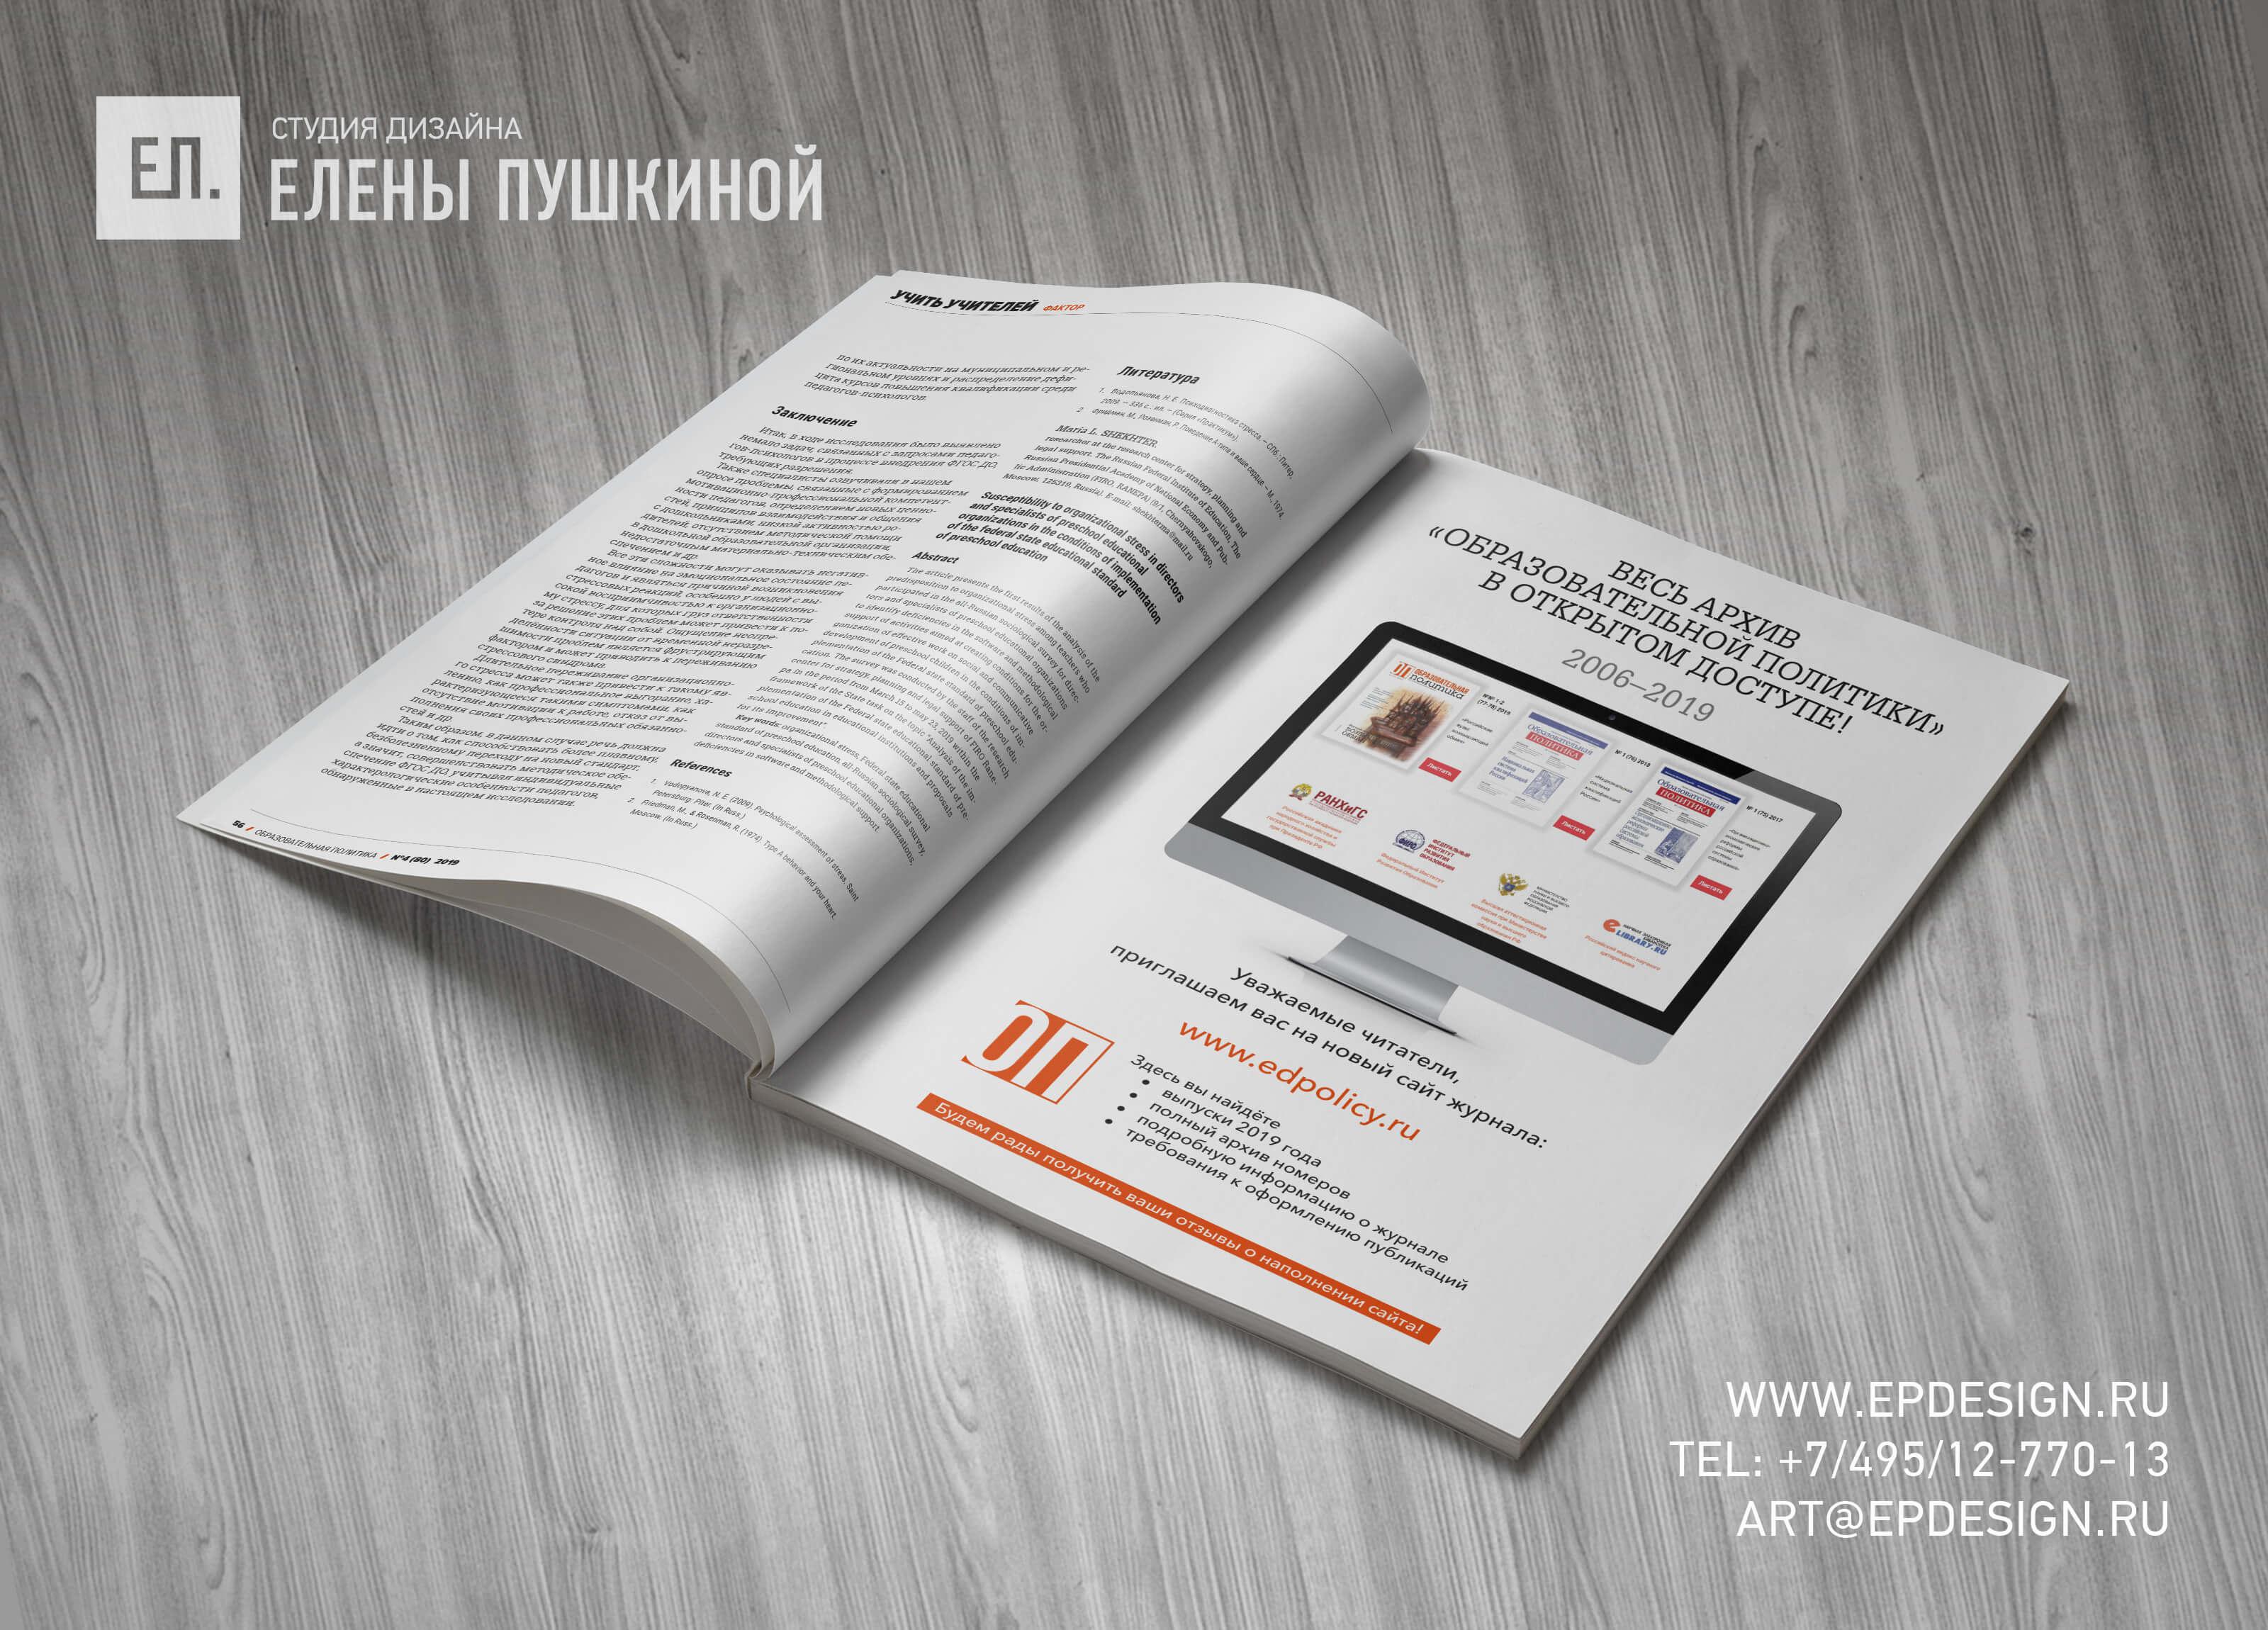 Журнал «Образовательная политика» РАНХиГС №4 (80) декабрь 2019 — разработка с «нуля» логотипа, обложки, макета и вёрстка журнала Разработка журналов Портфолио